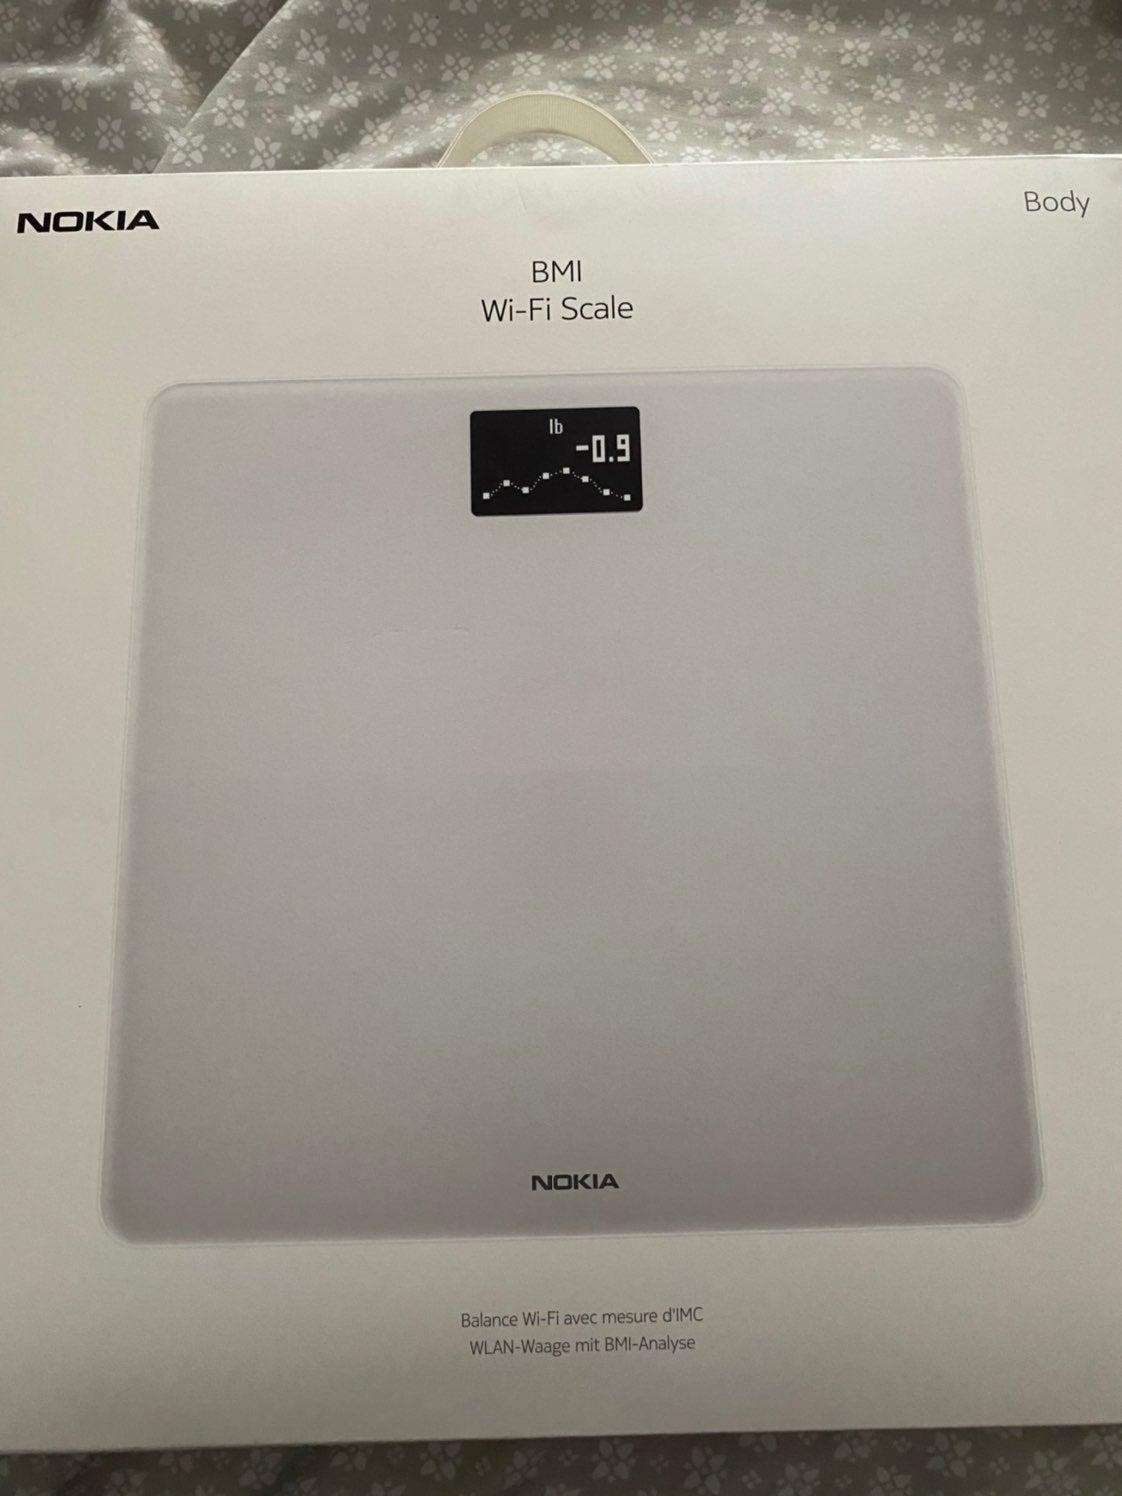 Nokia BMI Wi-Fi Scale